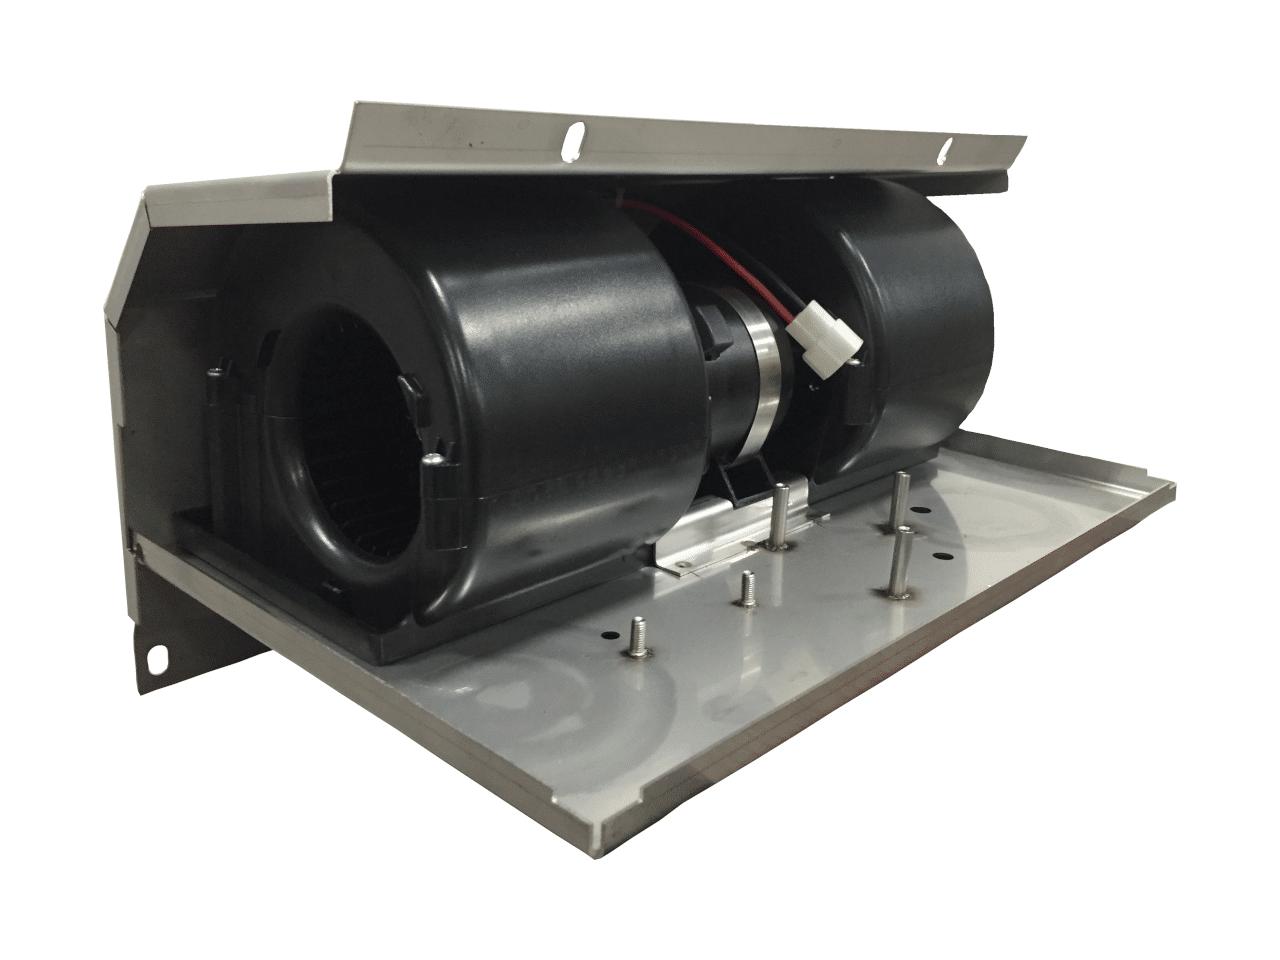 Kenworth Blower Motor Upgrade Kit